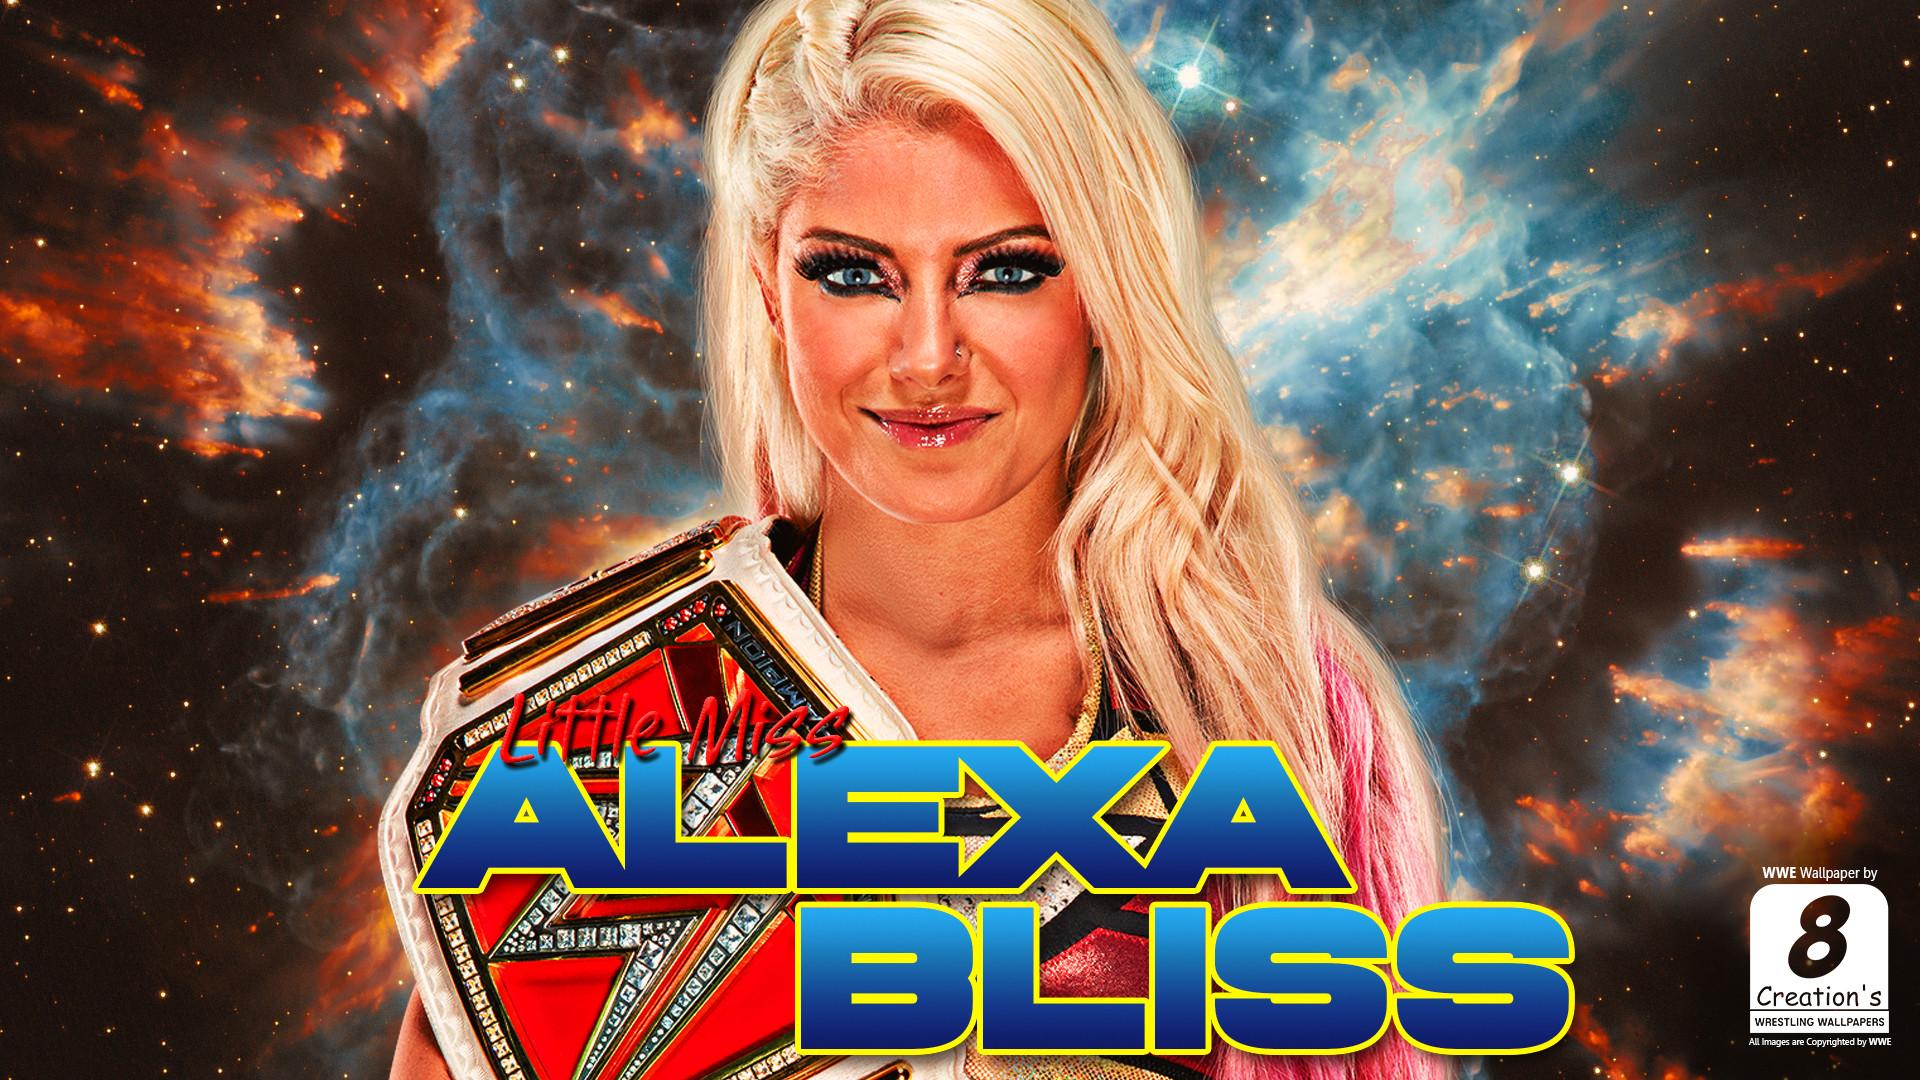 alexa-bliss-hd-wallpapers-5 | Alexa Bliss HD Wallpapers | Pinterest | Hd  wallpaper